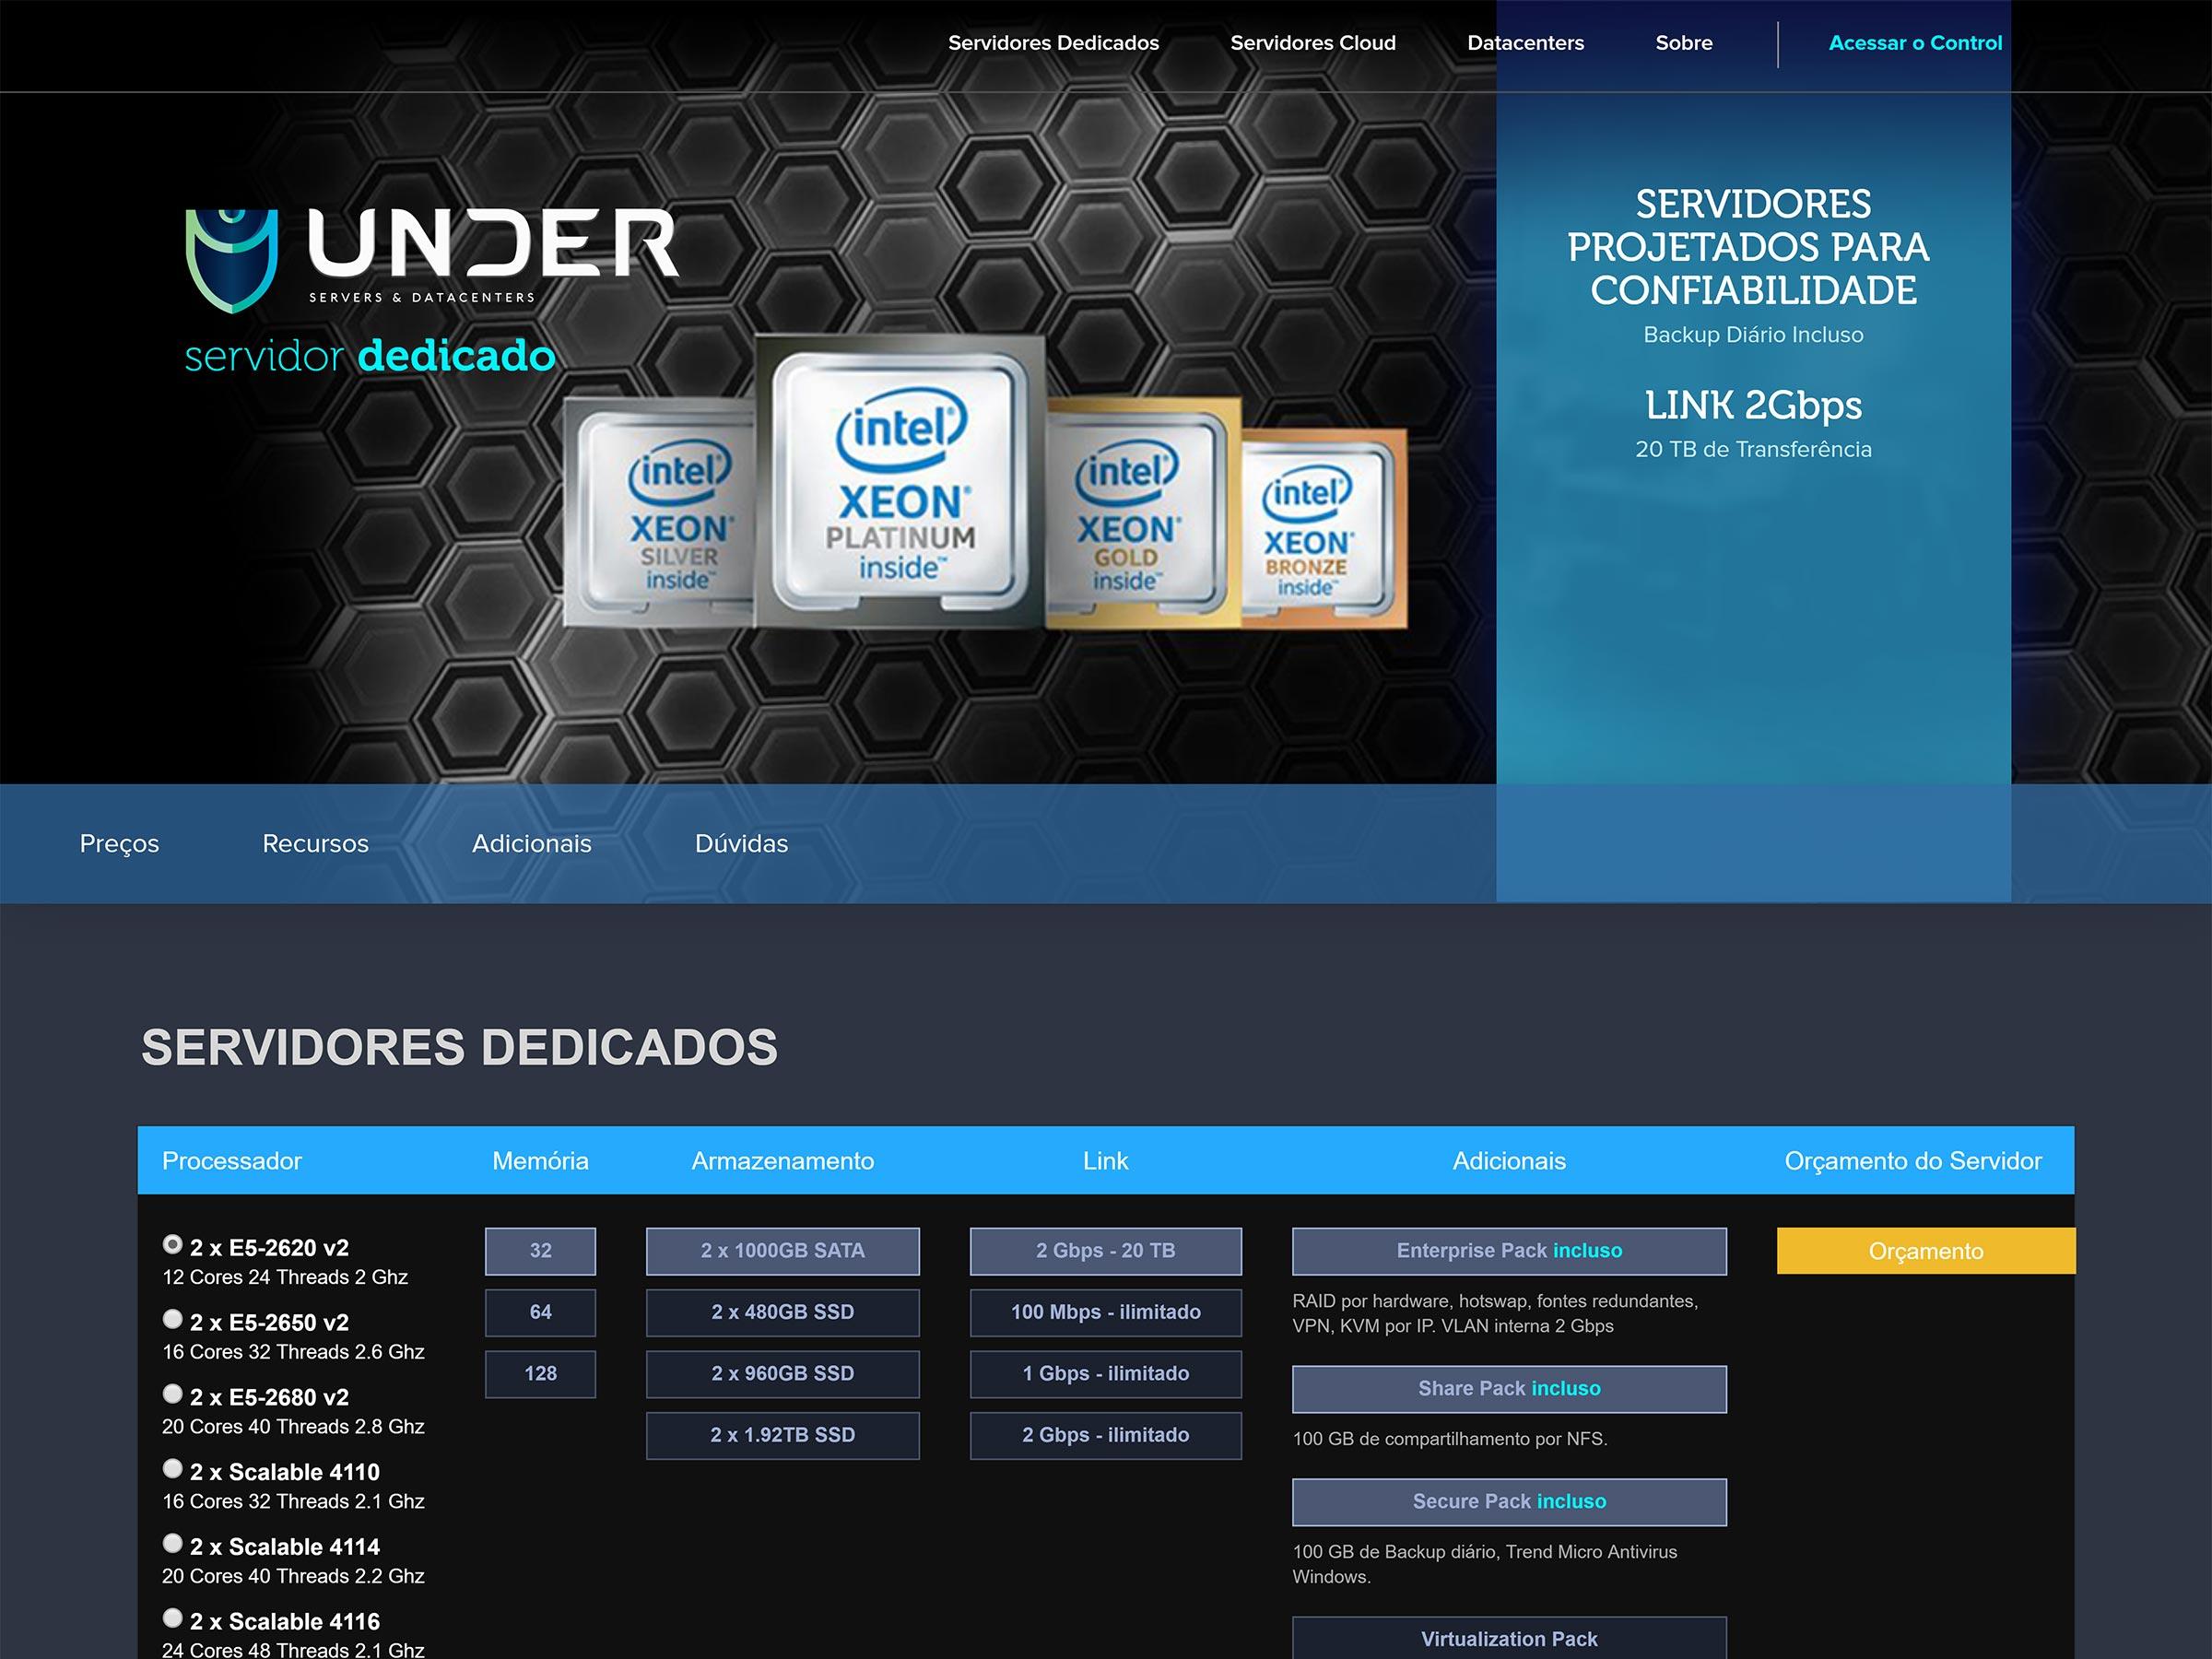 servidor dedicado under